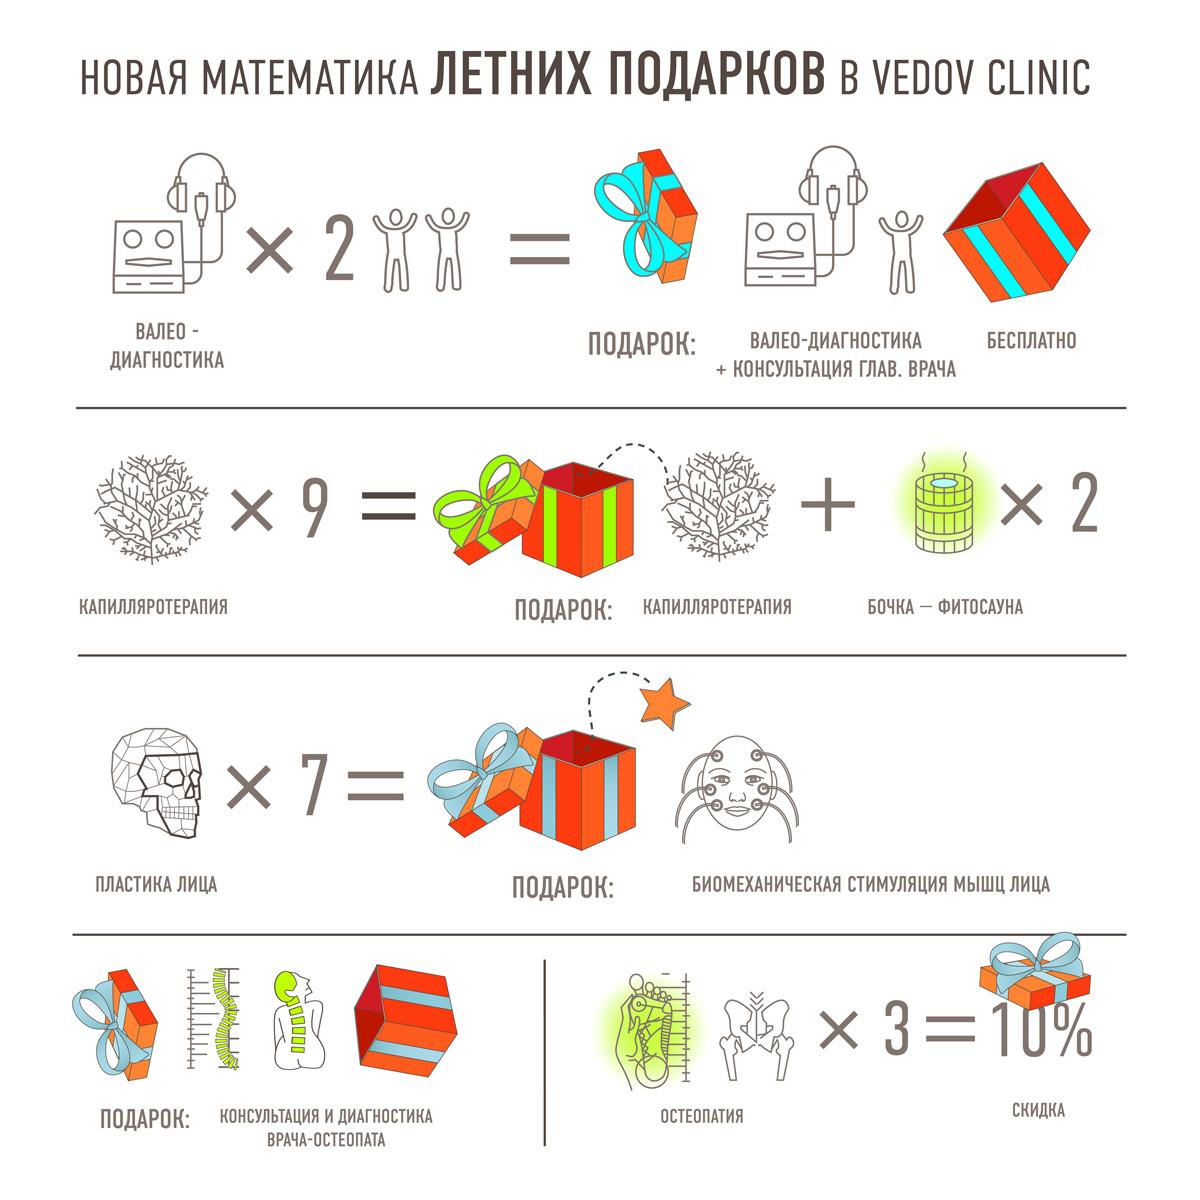 НОВАЯ МАТЕМАТИКА ЛЕТНИХ ПОДАРКОВ В Vedov clinic. Акции и подарки с 11 июня по 11 июля: